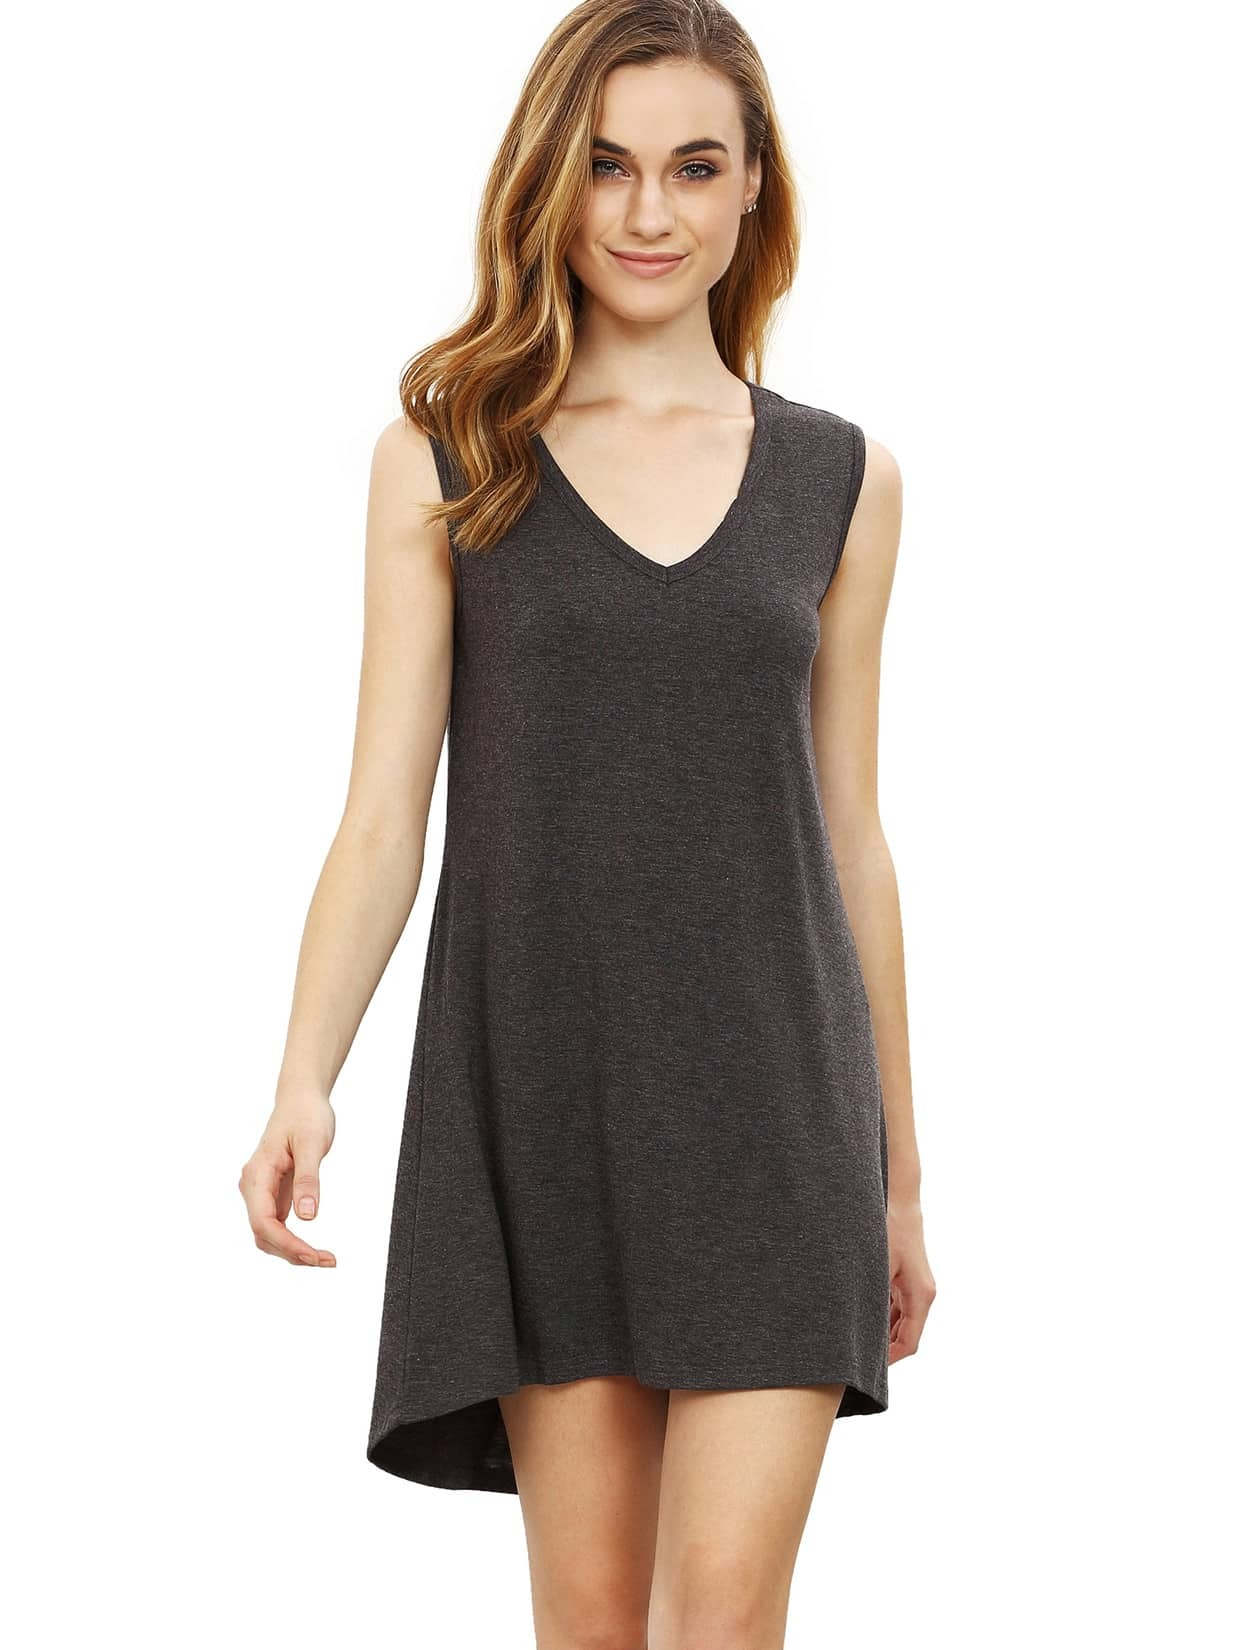 Swing Tank Dress dress160513783